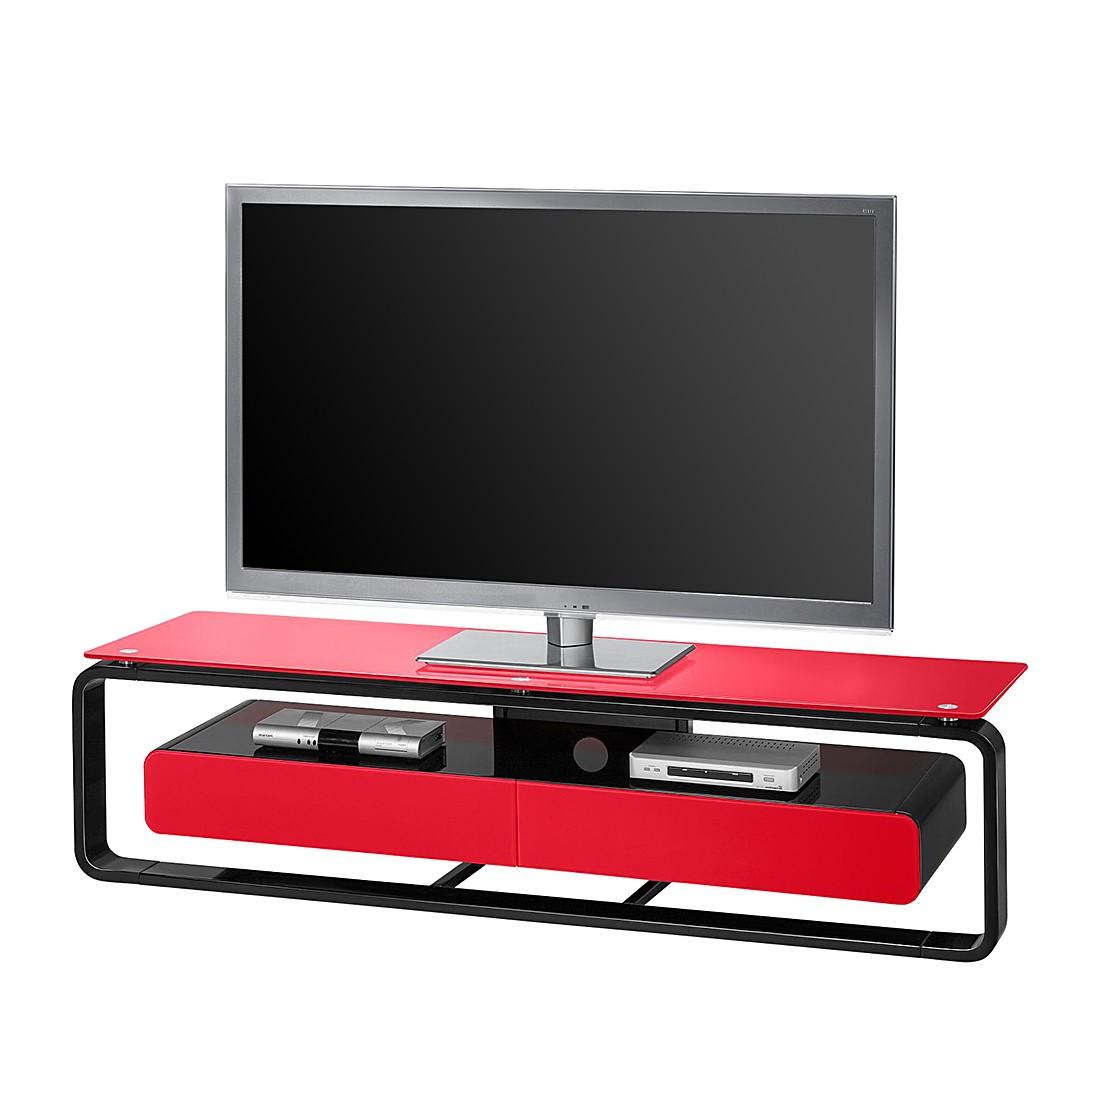 Meuble tv blanc et rouge - Meuble tv noir et rouge ...